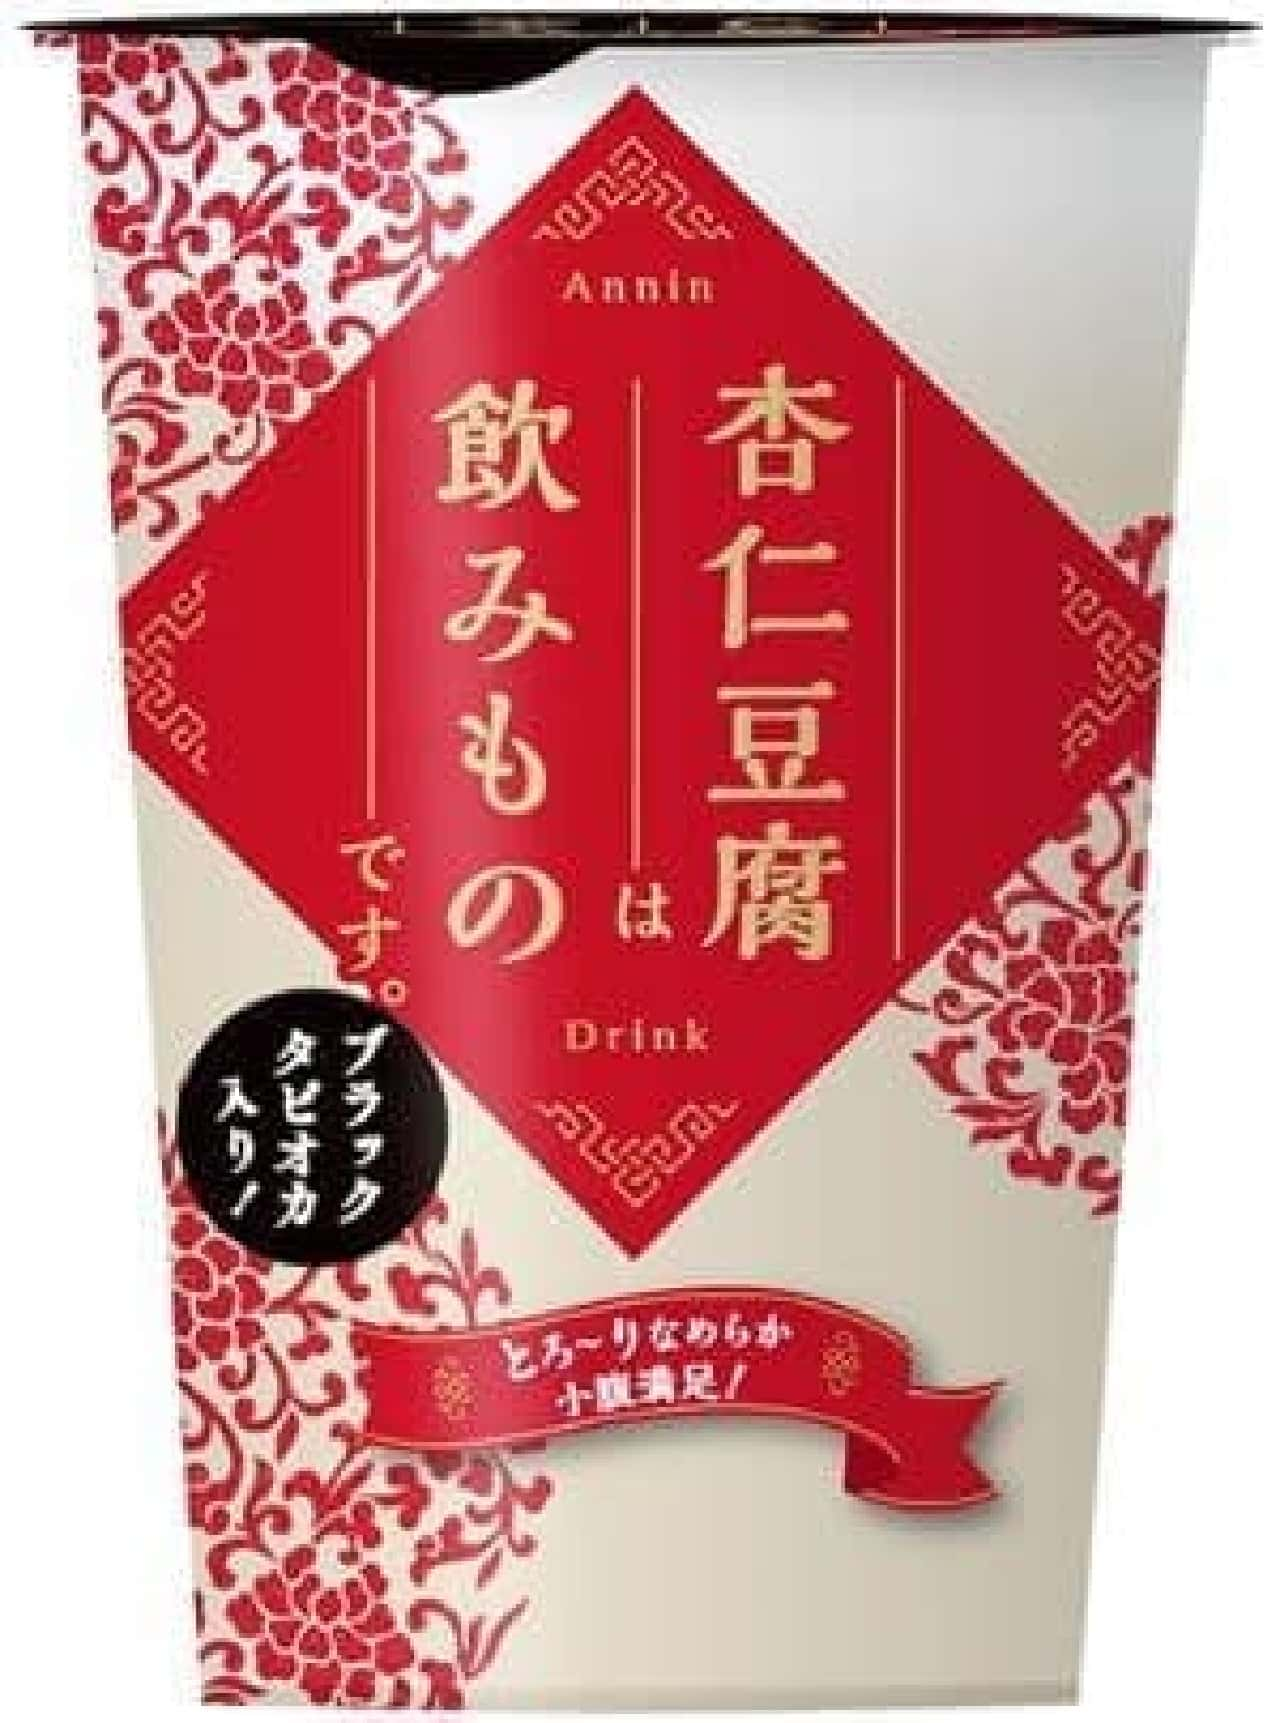 ファミリーマート「杏仁豆腐は飲みものです。」